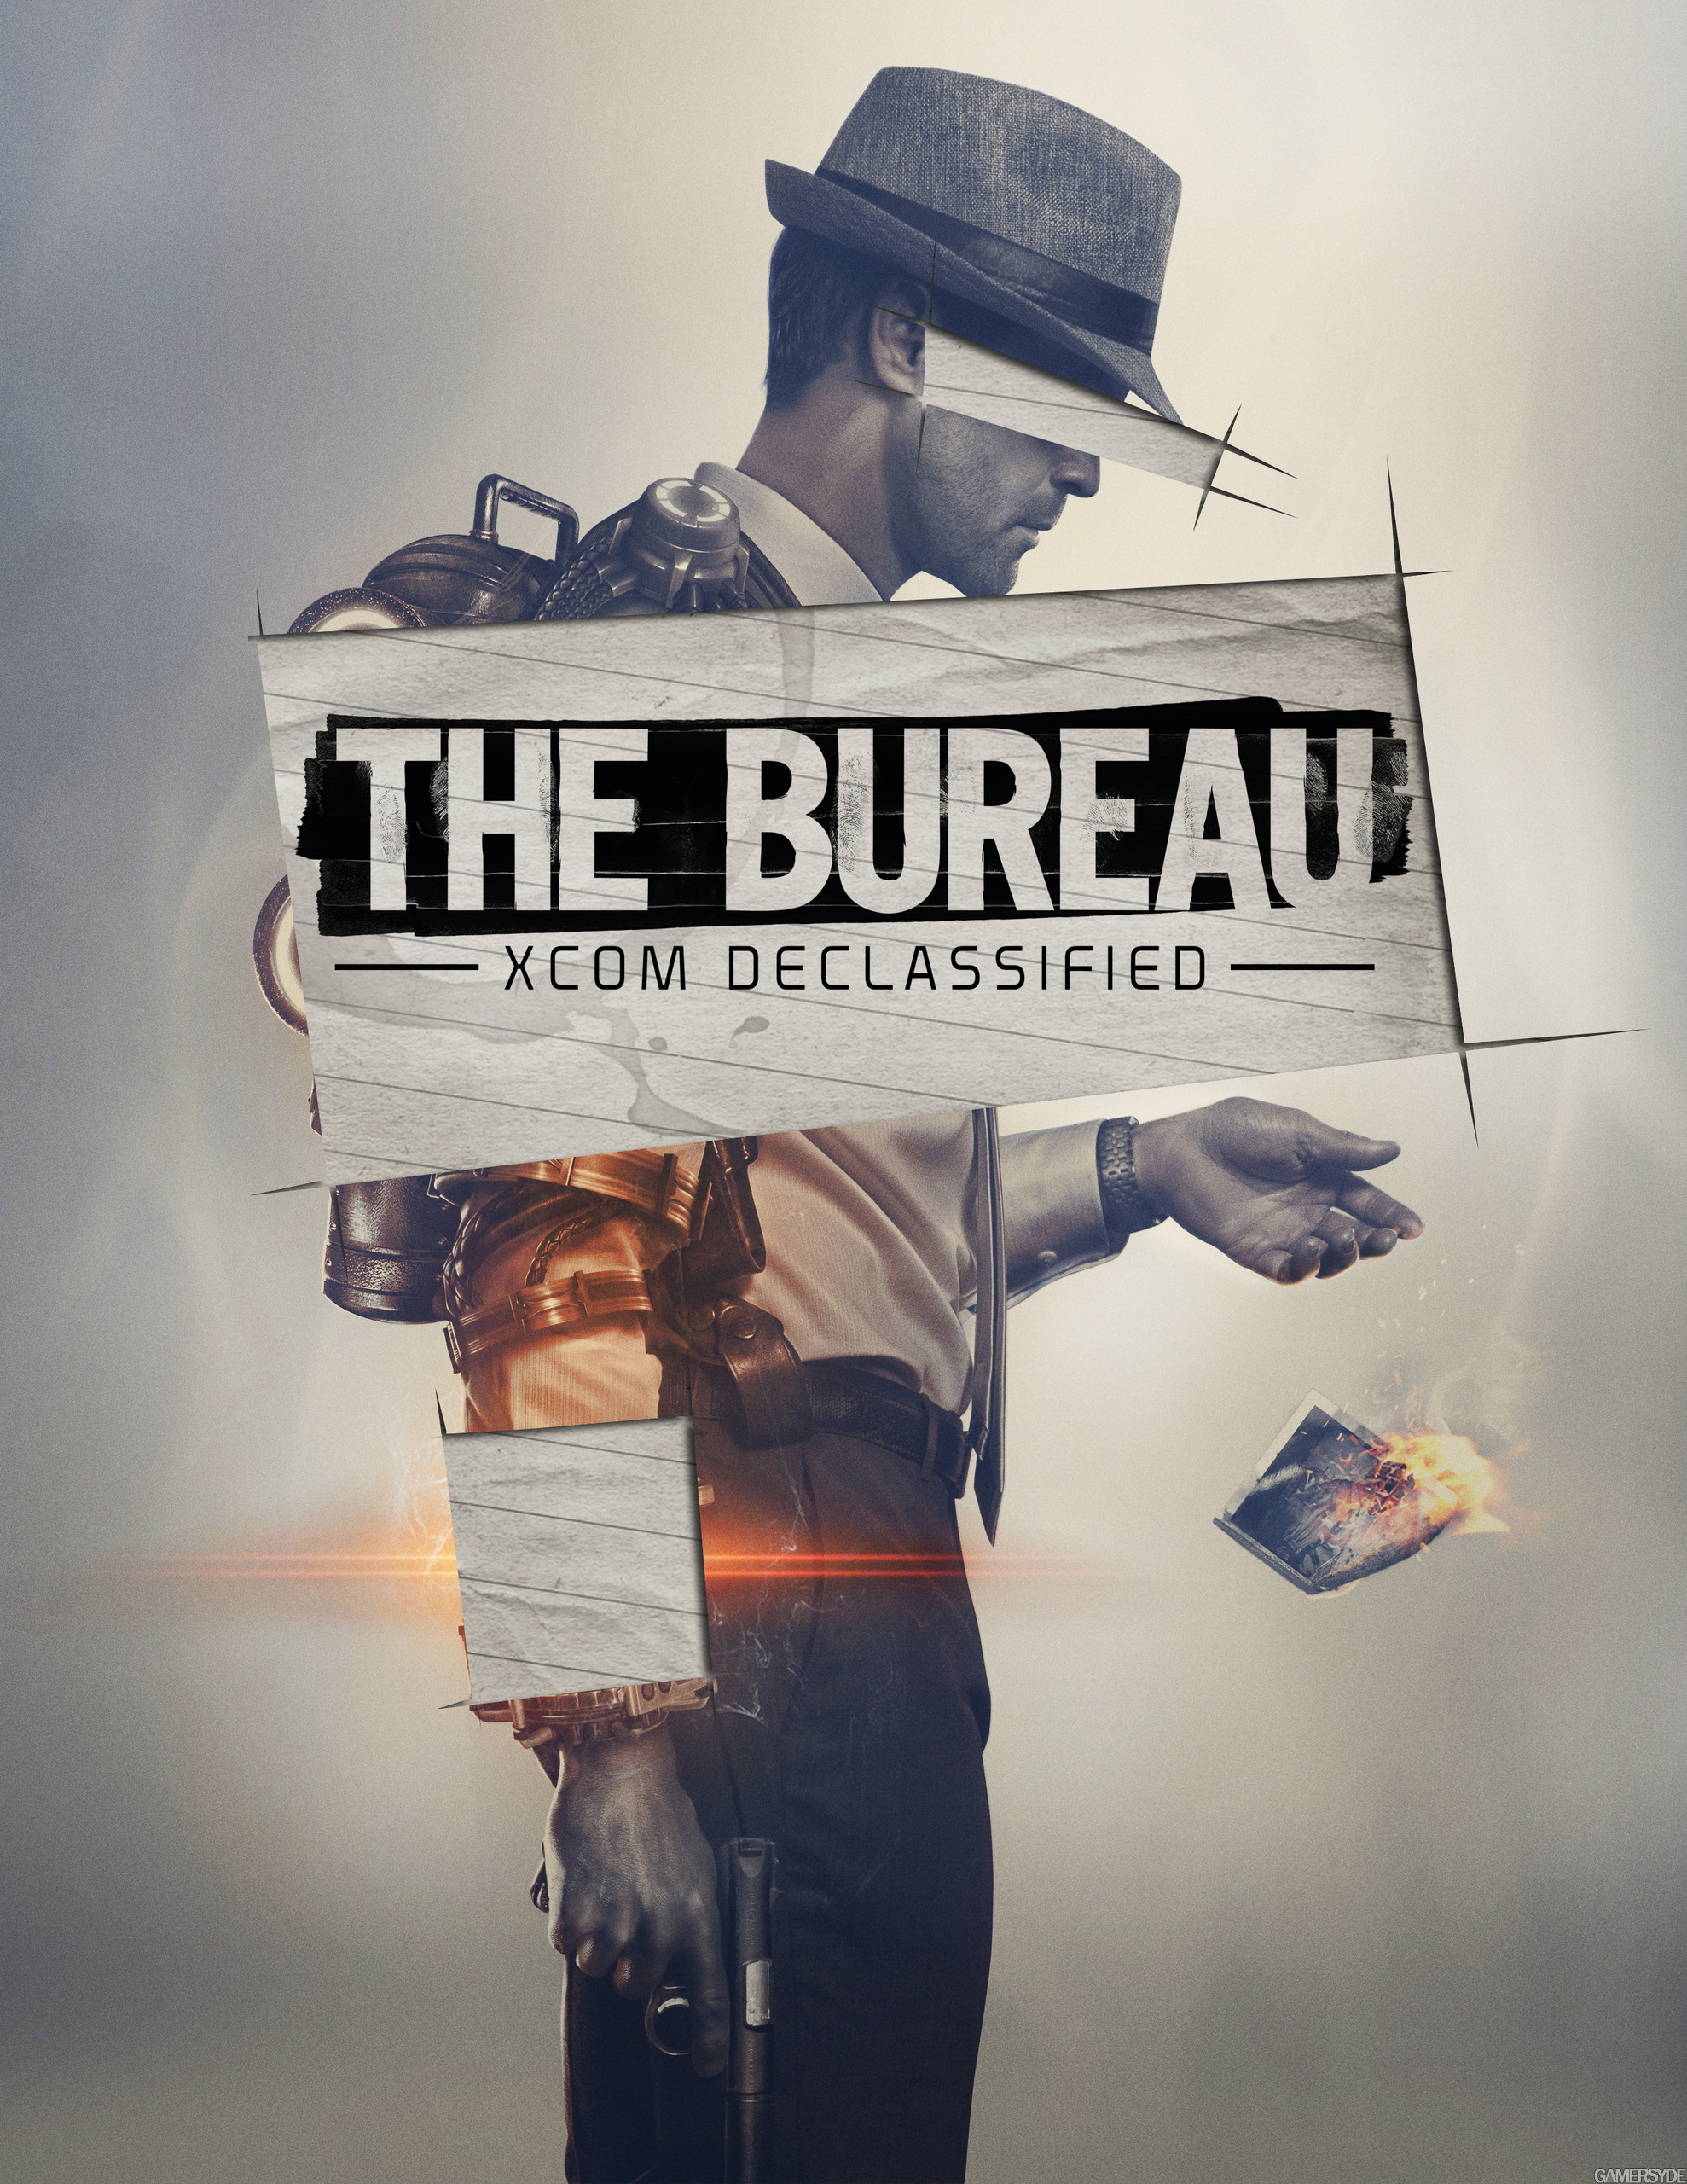 Next image for Bureau xcom declassified